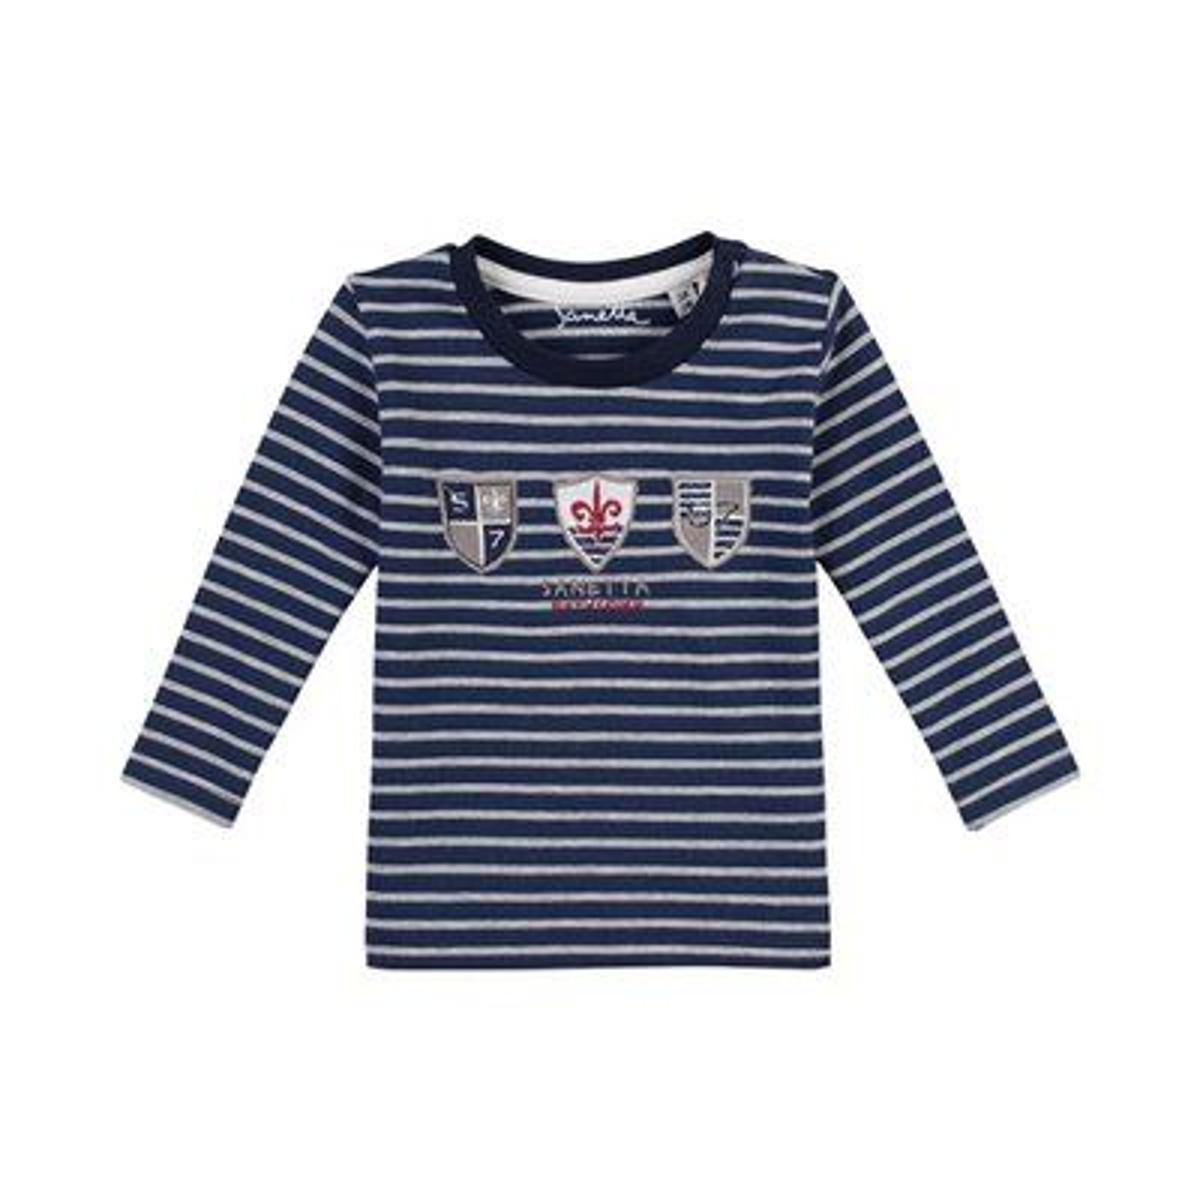 SANETTA Le T-shirt rayé à manches longues top bébé vêtements bébé